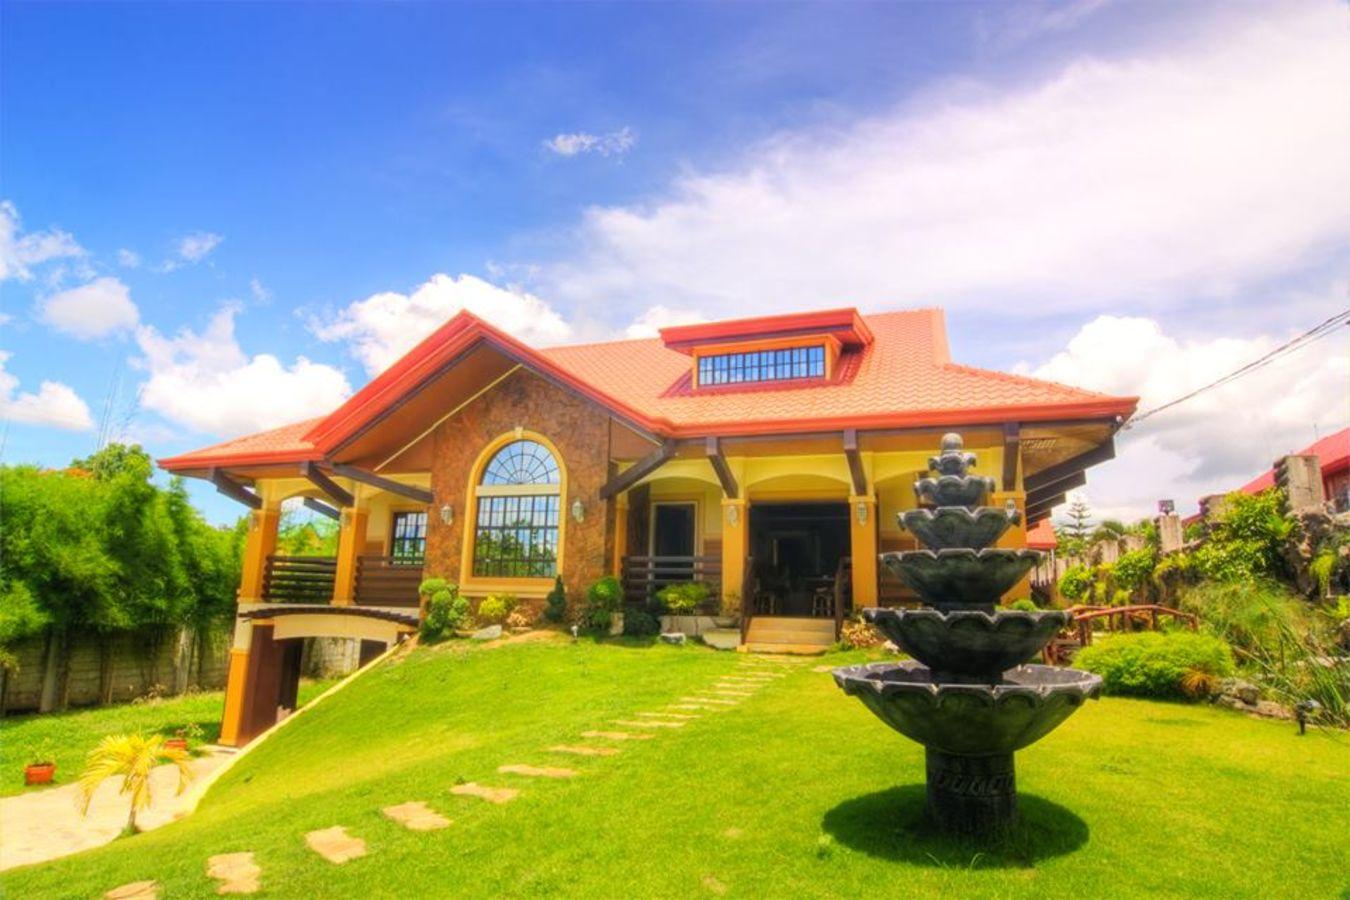 Garden gazebo silang wedding rates - Reception Venues Near Garden Gazebo Events Place Rocina S Events Venue In Silang Cavite